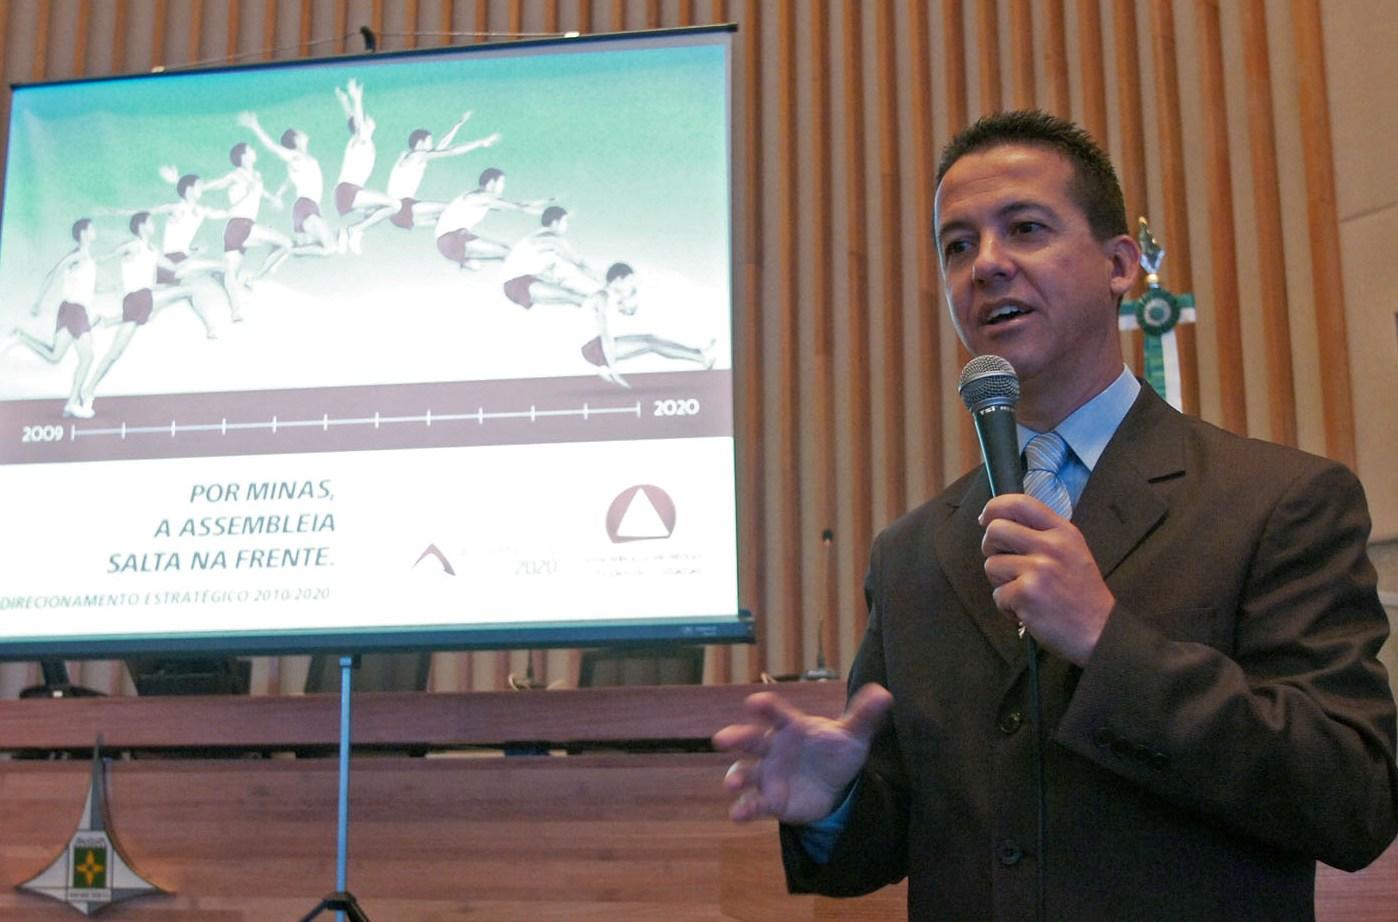 Interlegis colabora com planejamento estratégico da Câmara Legislativa/DF